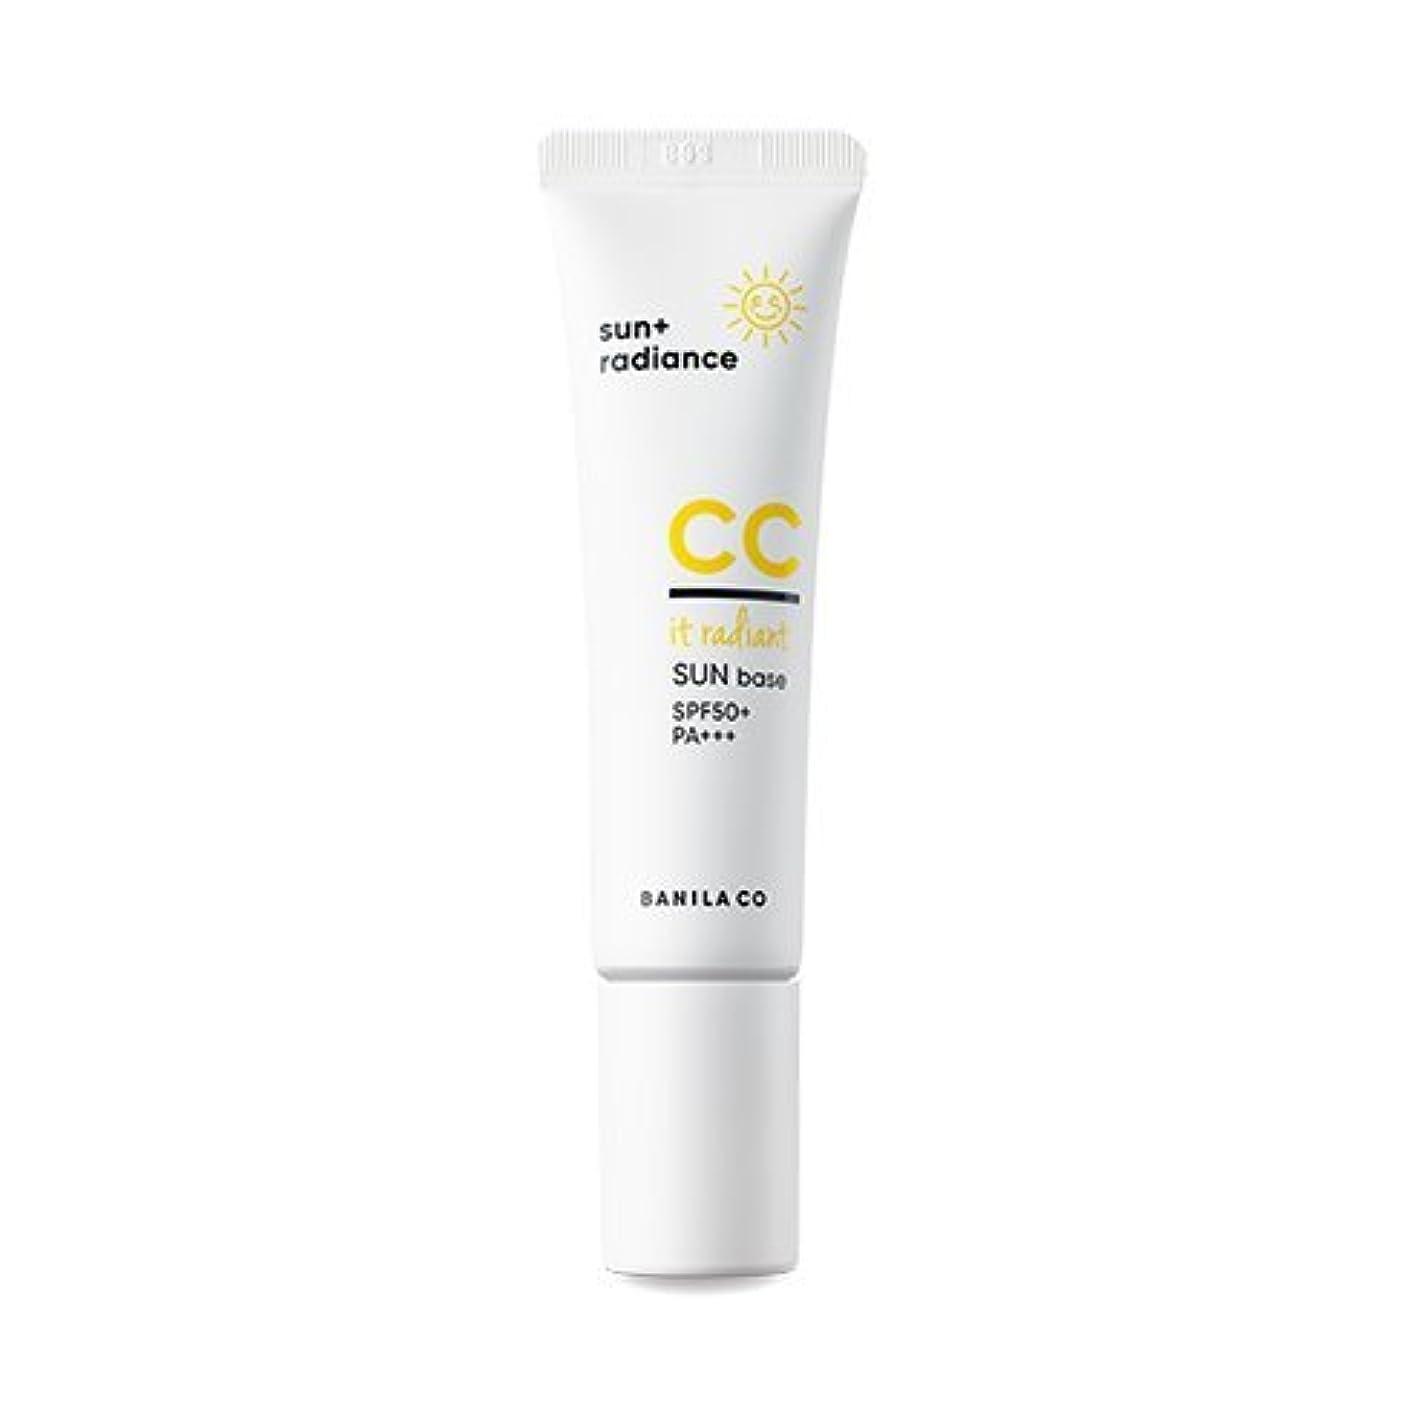 狐淡いシェーバー[Renewal] BANILA CO It Radiant CC Sun Base 30ml/バニラコ イット ラディアント CC サン ベース 30ml [並行輸入品]